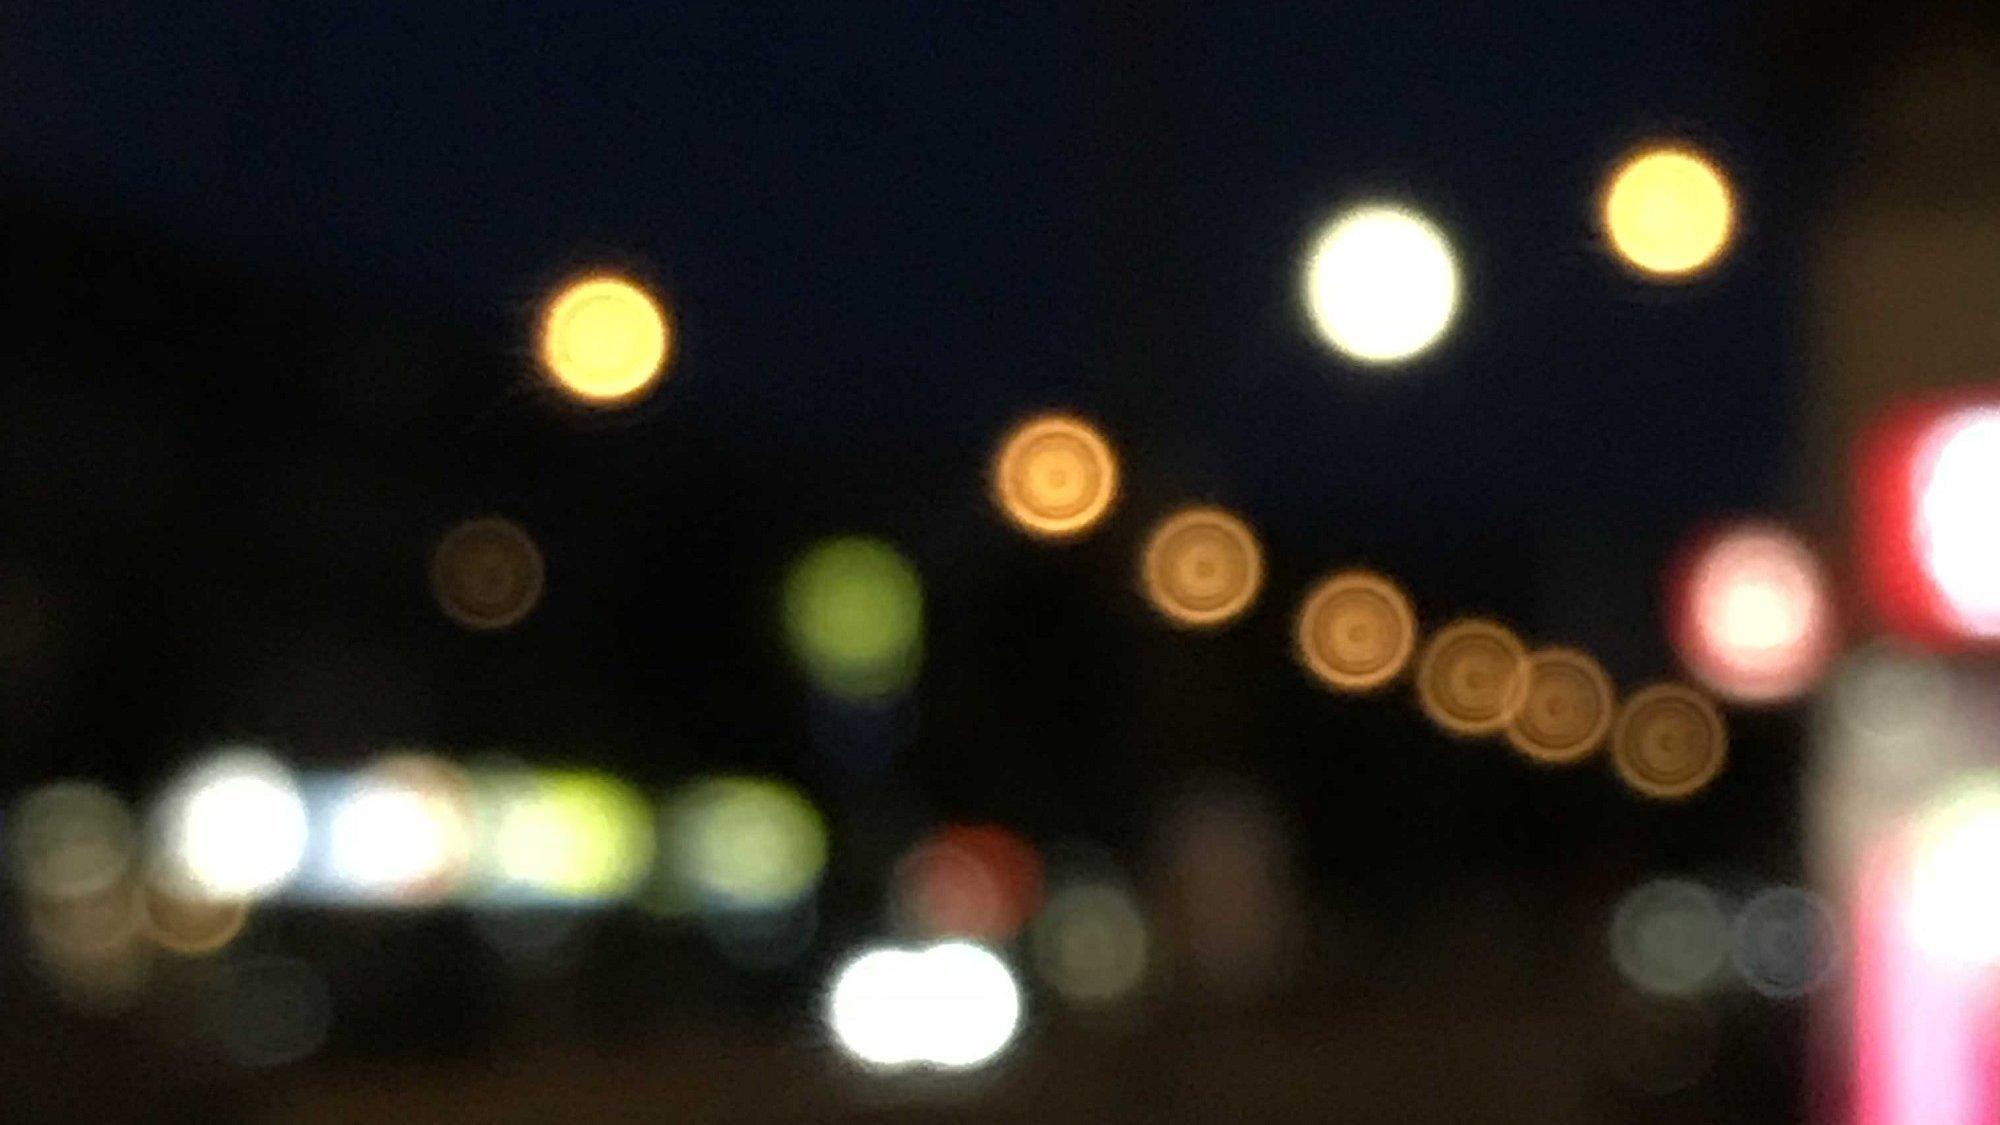 Es ist dunkel, man sieht lediglich das Leuchten von ein paar bunten unscharfen Lichtern